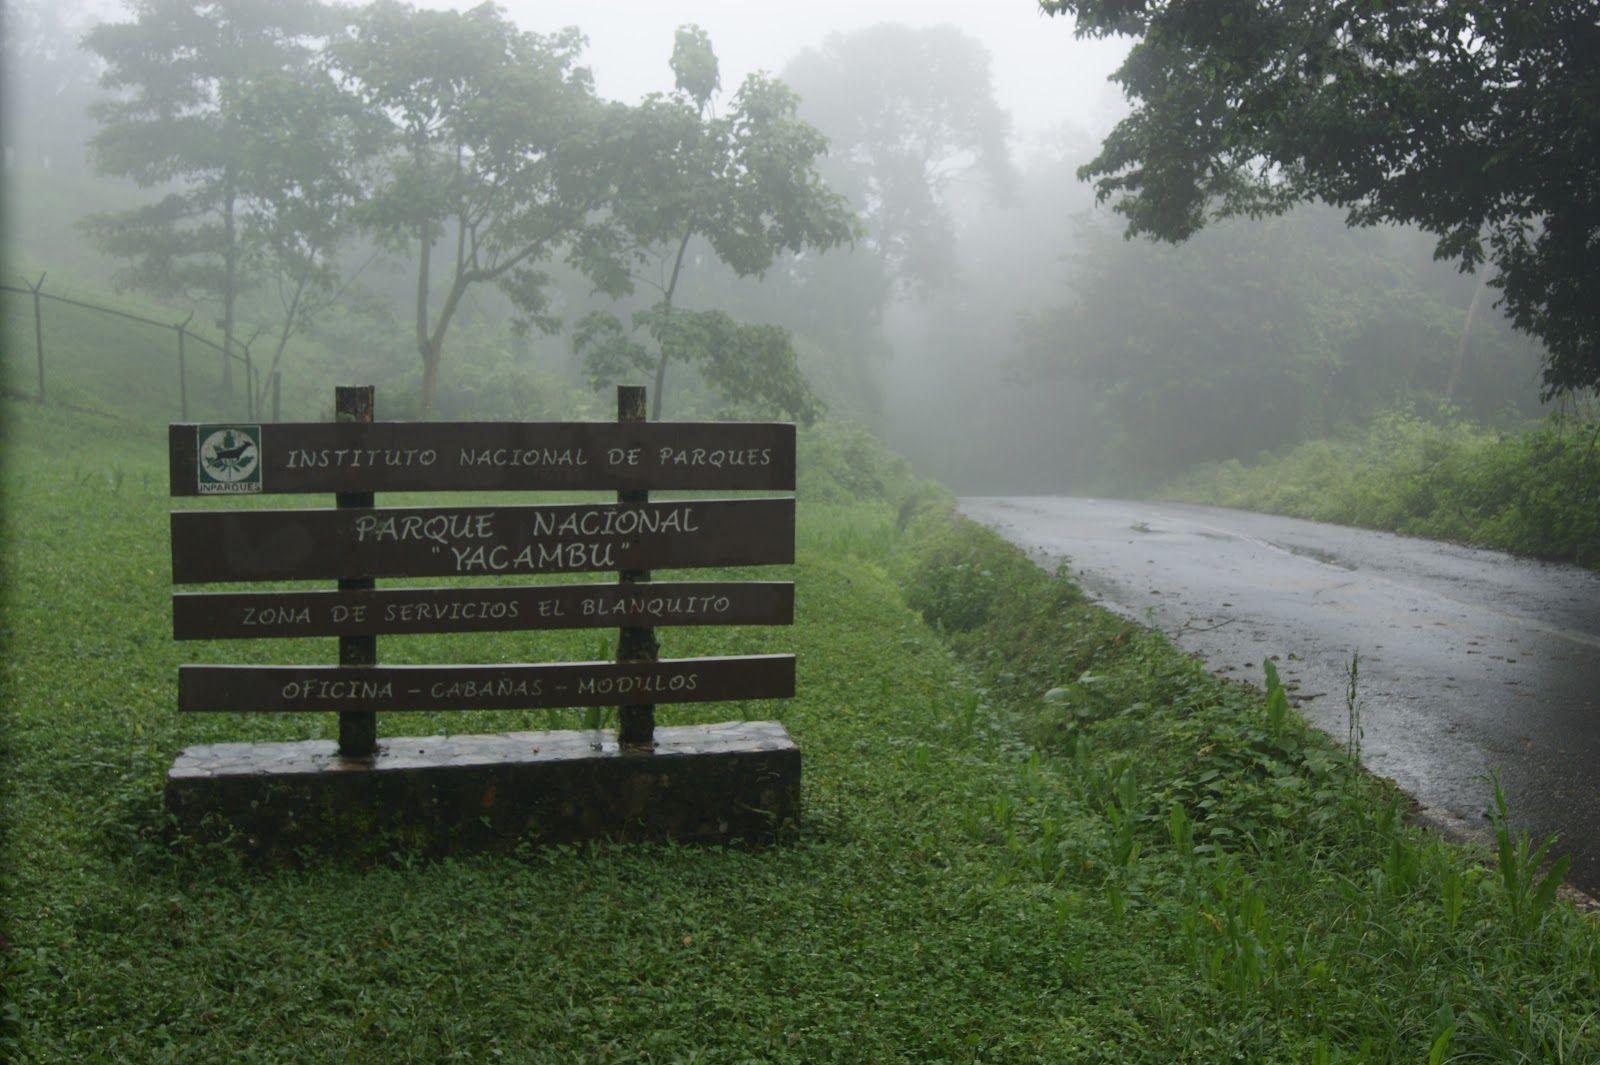 Parque Nacional Yacambu Sanare Estado Lara Venezuela